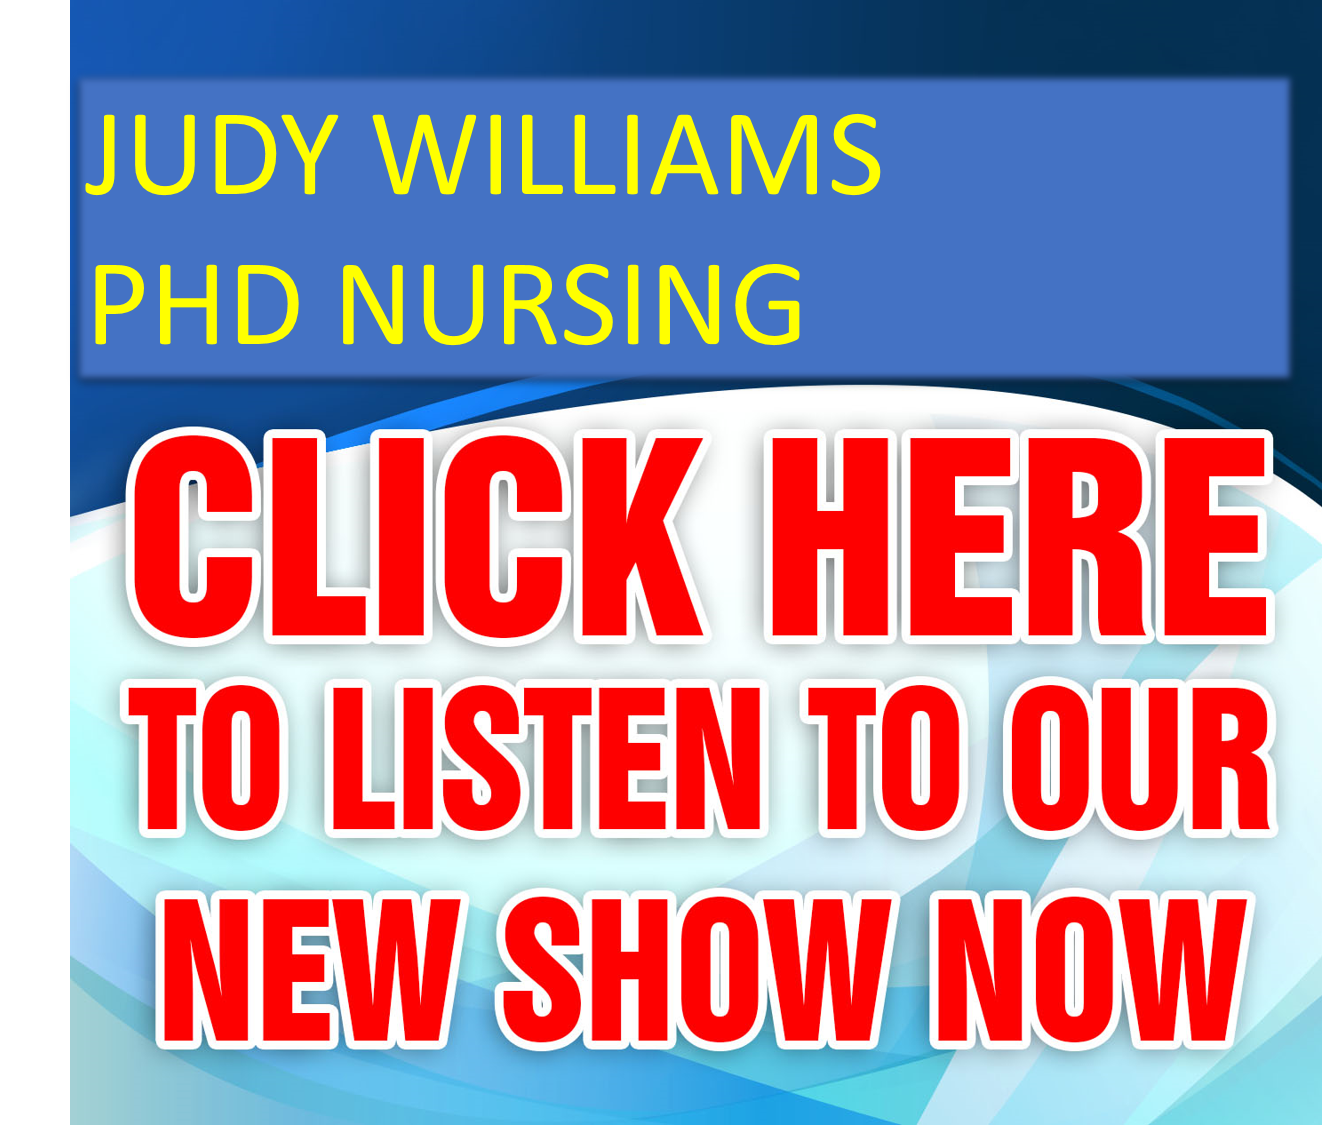 JUDY WILLIAMS PHD NURSING - ARMAGEDDON WEIGHT LOSS - BEST ...